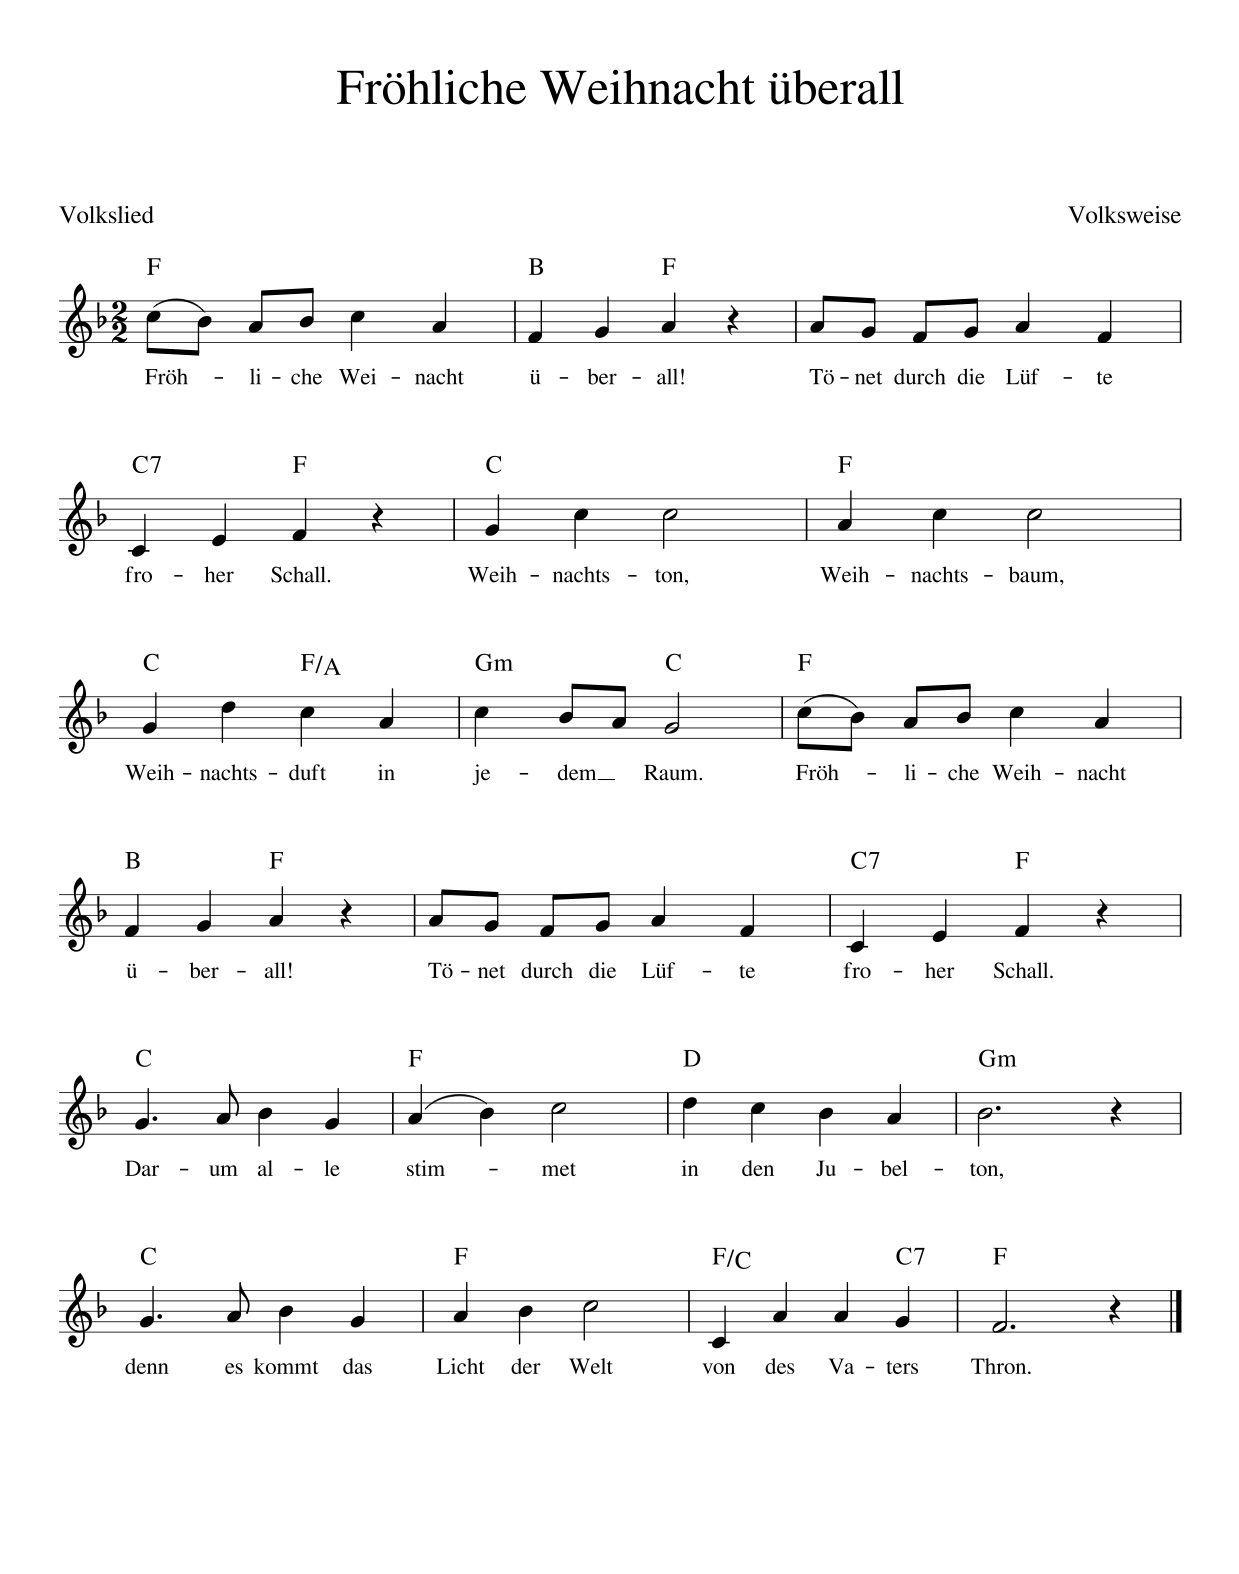 Frohliche Weihnacht Uberall Weihnachtslieder Mit Noten Akkorden Text Mp3 Und V In 2020 Frohliche Weihnacht Uberall Kinder Lied Weihnachtslieder Noten